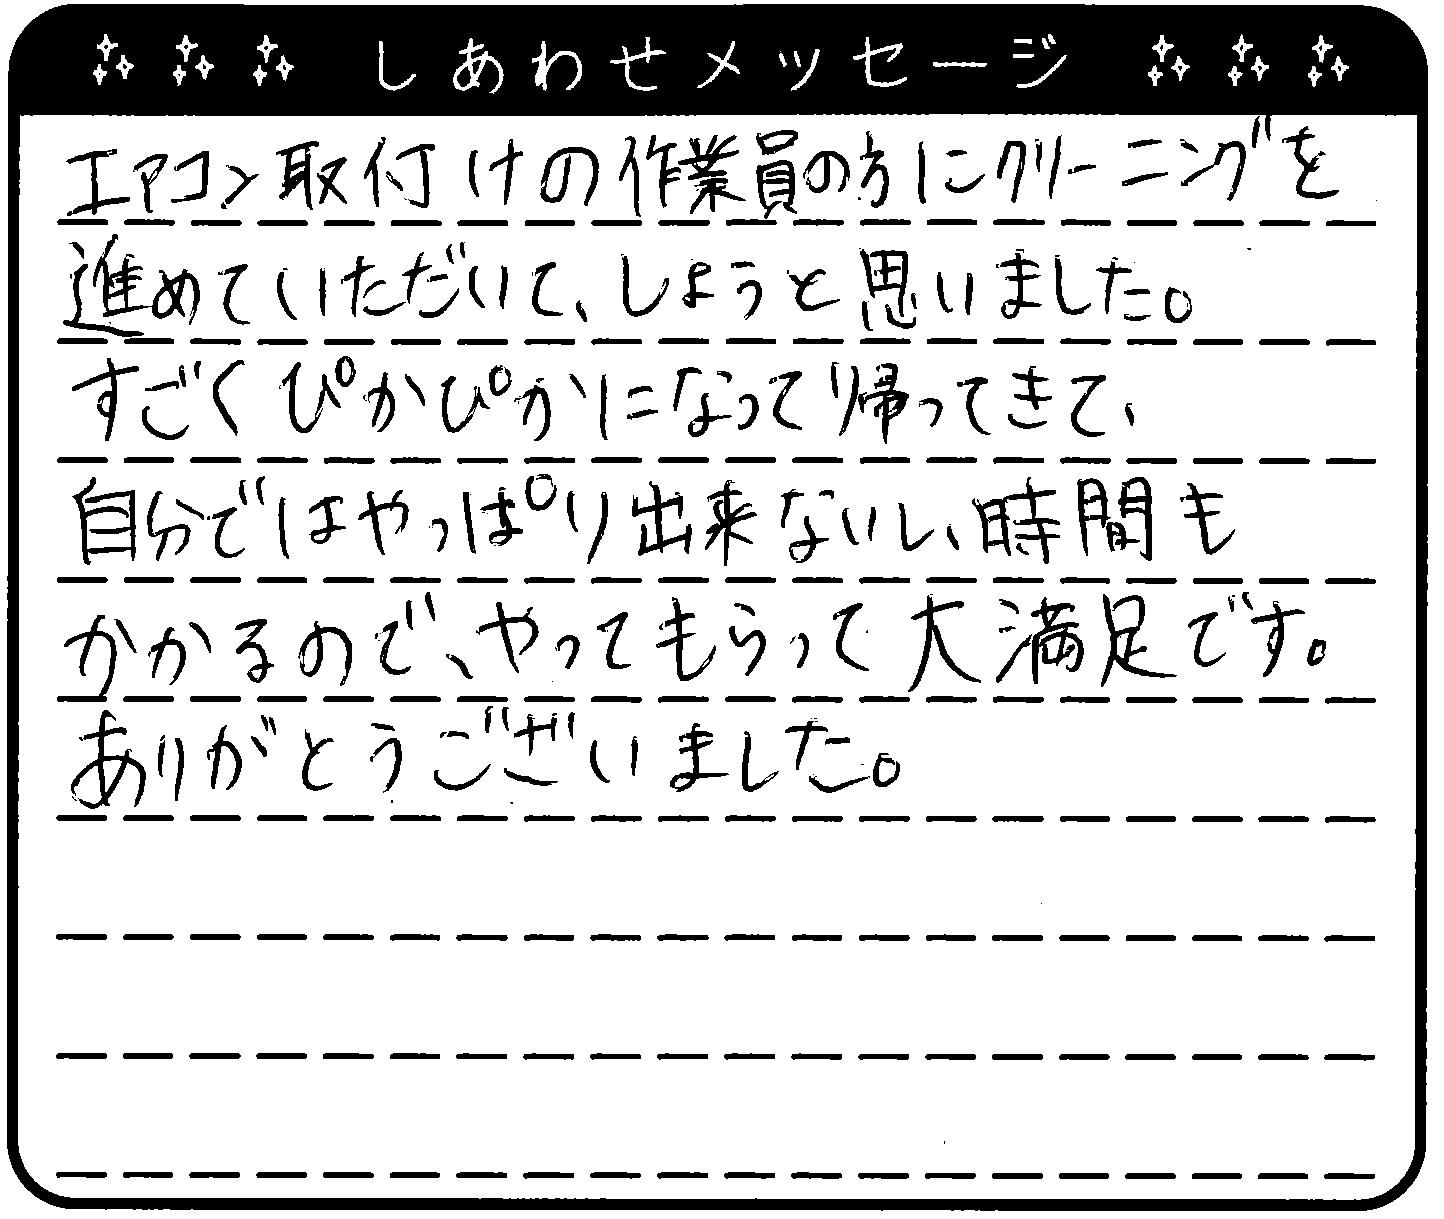 福井県 H様からのしあわせメッセージ